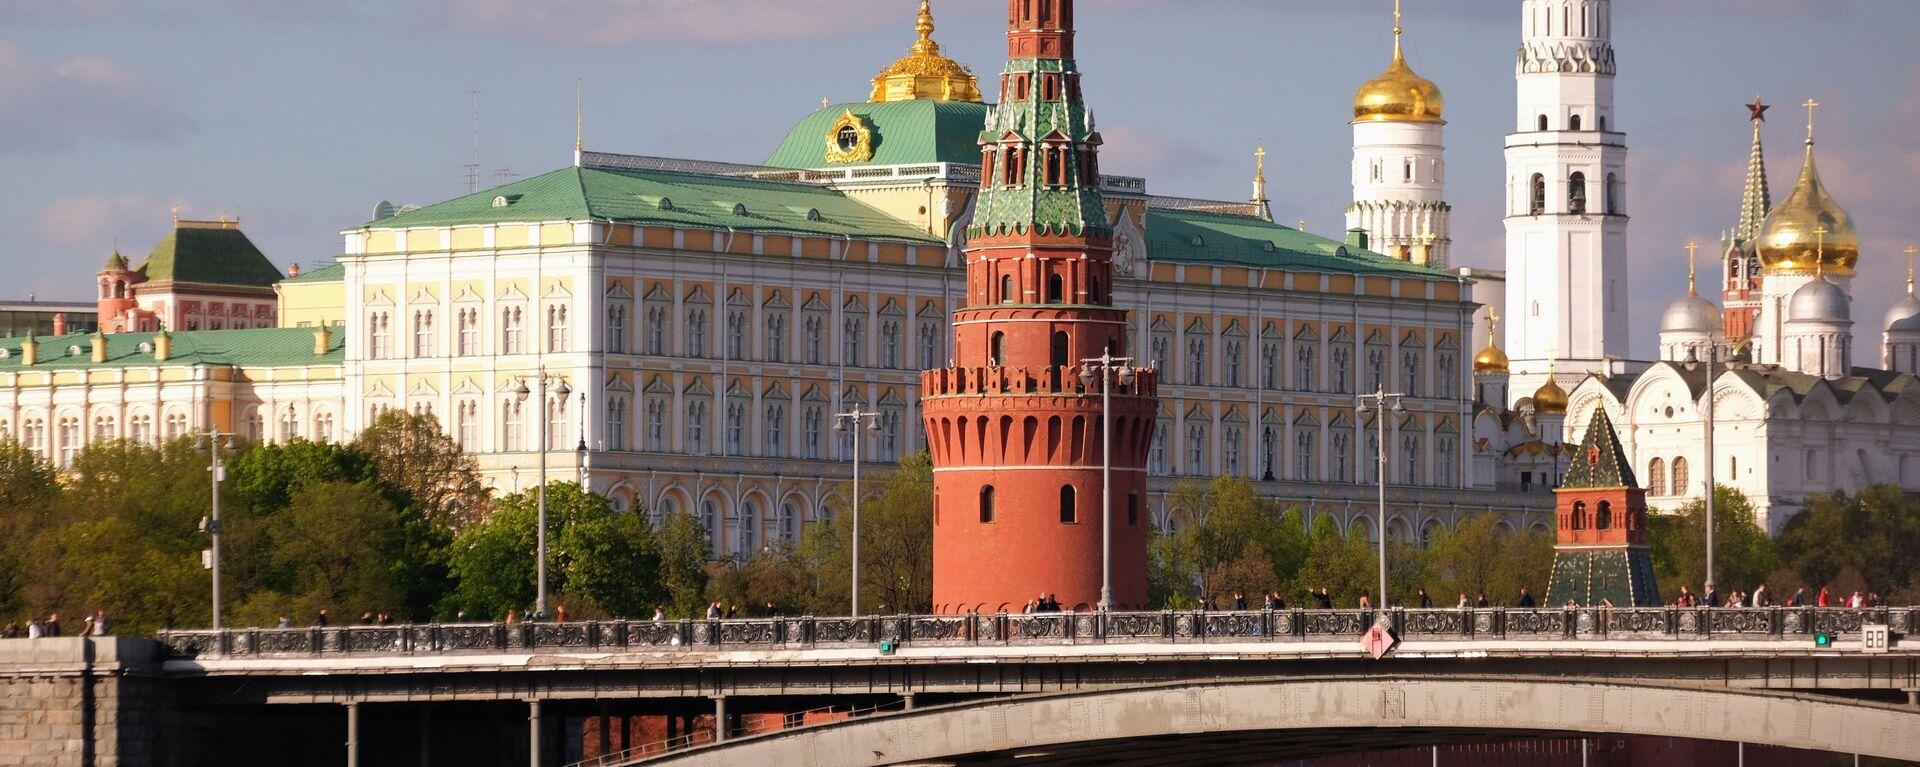 Pohled na Moskevský Kreml - Sputnik Česká republika, 1920, 18.04.2021